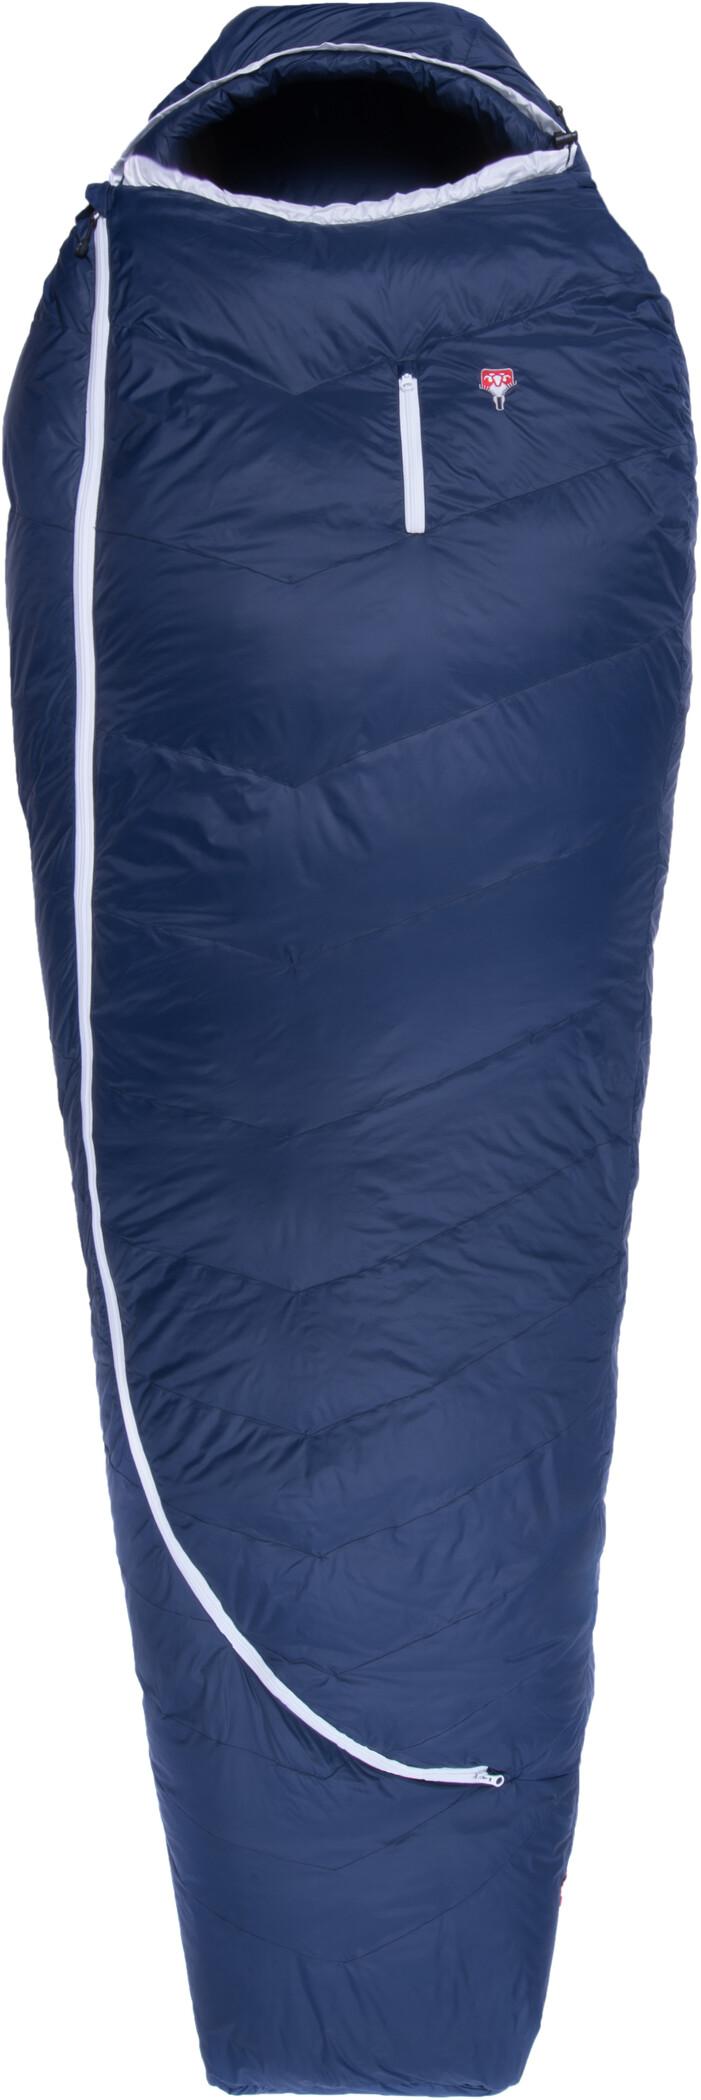 Grüezi-Bag Biopod DownWool Ice 200 Sovepose, night blue (2019) | Misc. Transportation and Storage